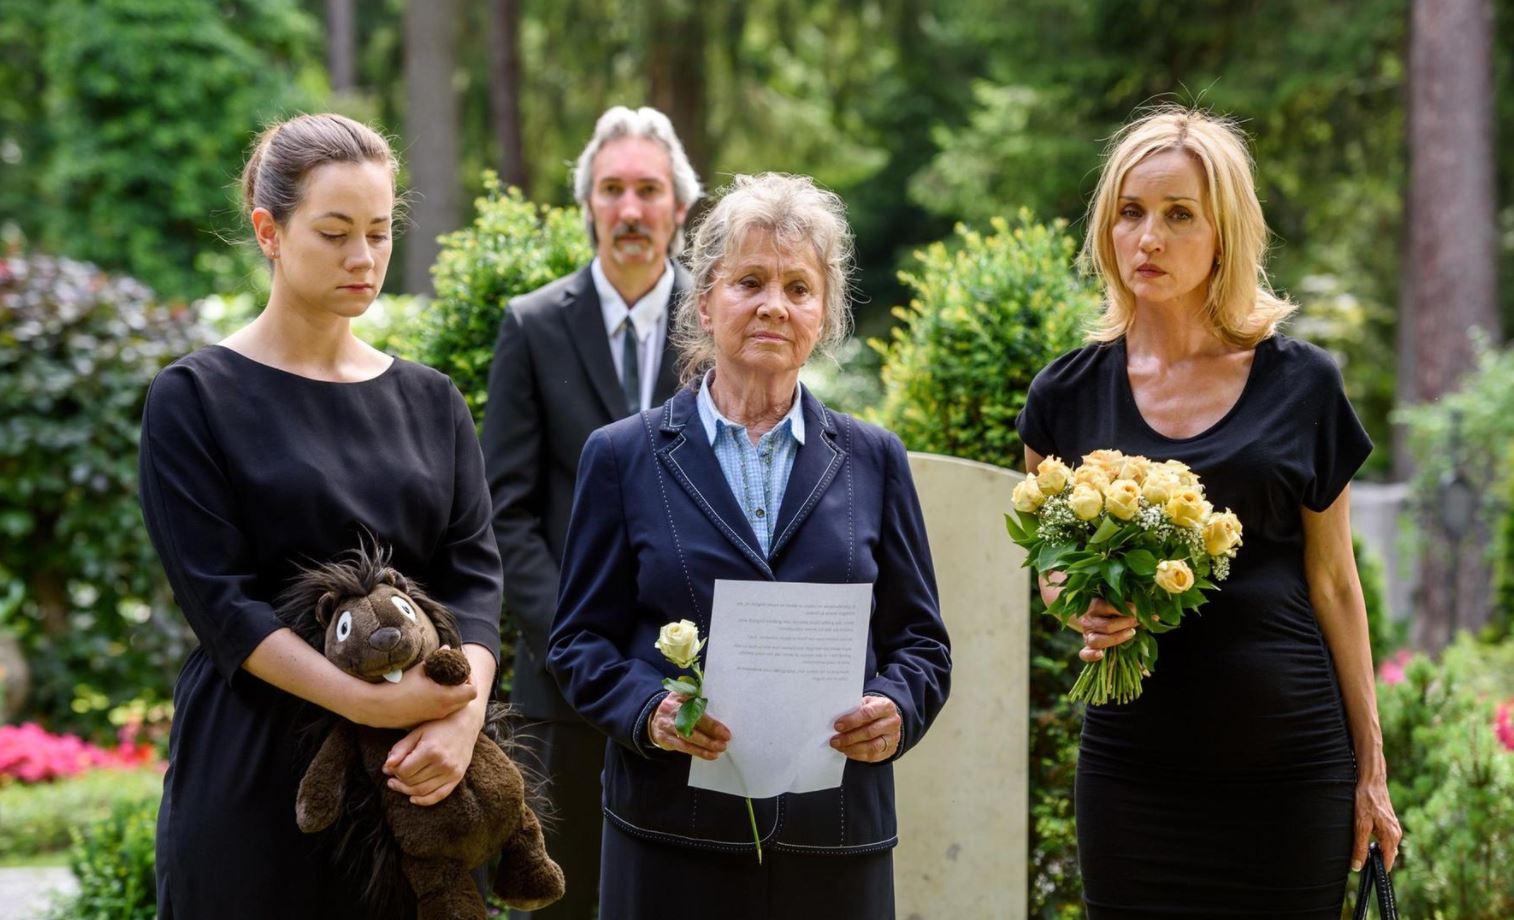 Tempesta d'amore, anticipazioni puntate tedesche: Tina scopre che Beatrice ha rapito suo figlio! E la Hofer…